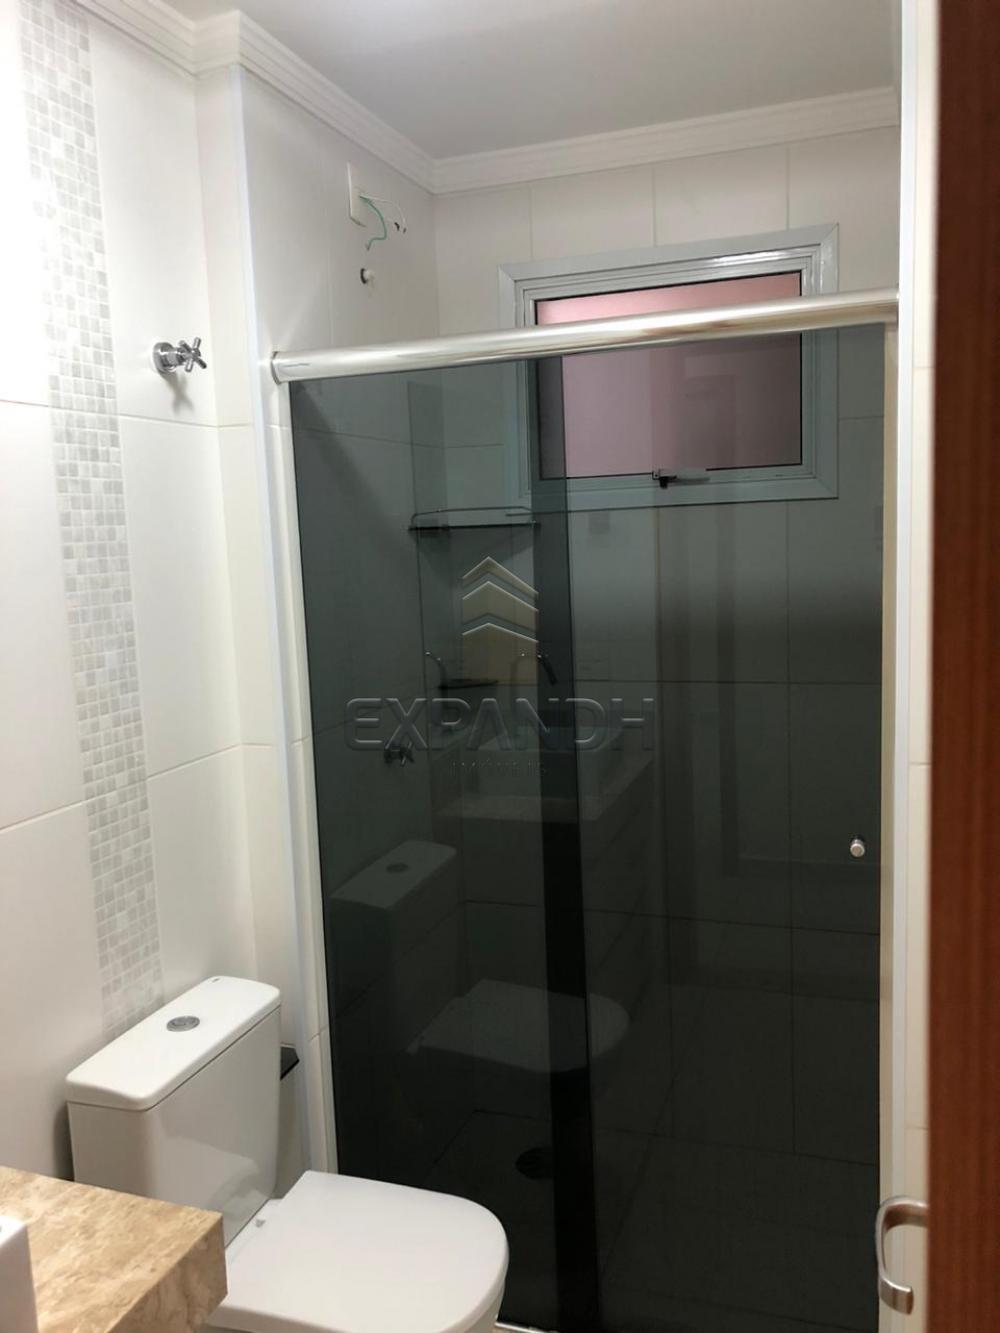 Alugar Apartamentos / Padrão em Sertãozinho apenas R$ 1.300,00 - Foto 11